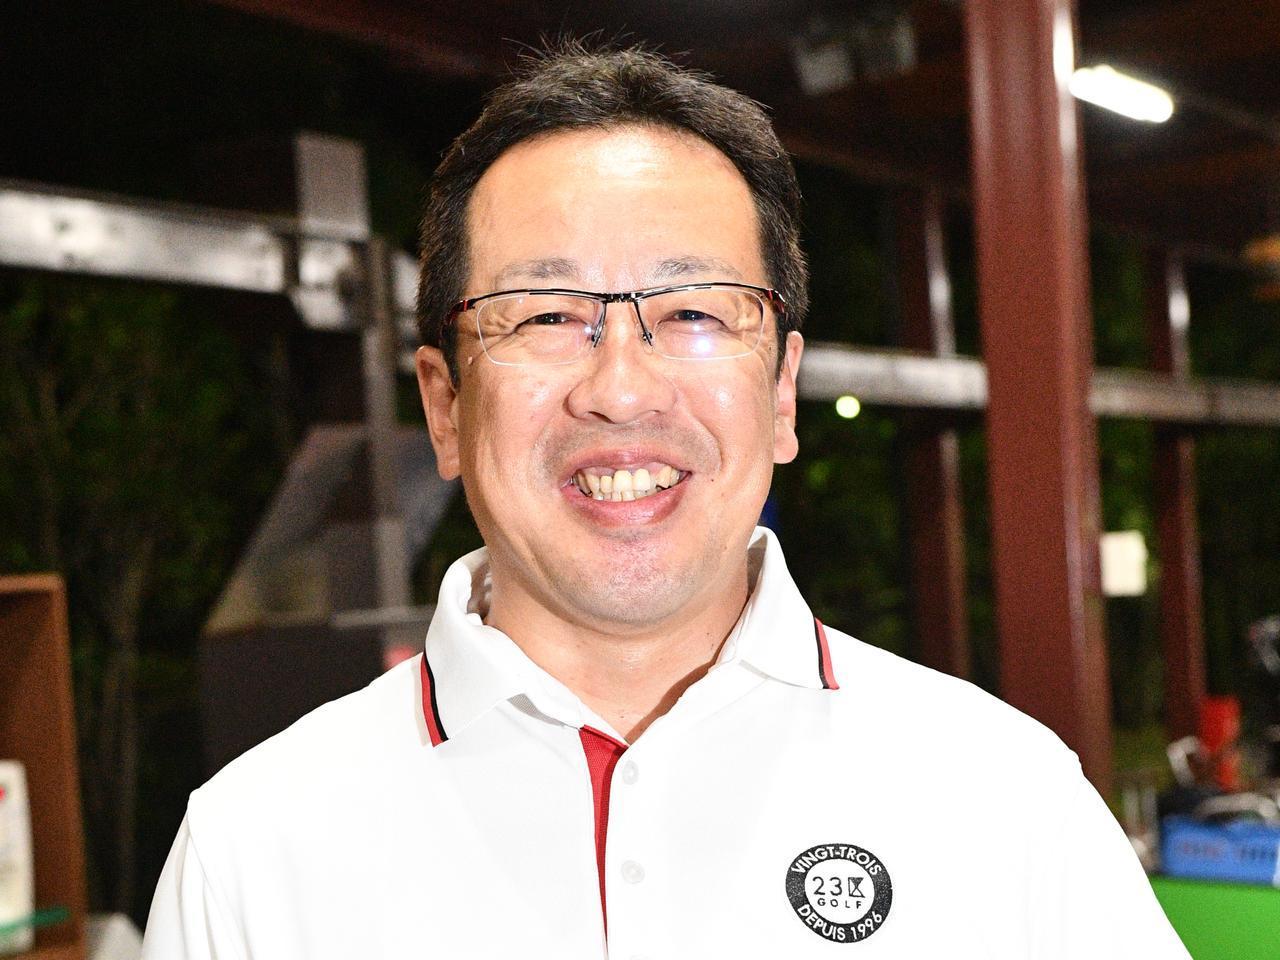 画像: 【教わる人】傍嶋雄治さん 50歳/ゴルフ歴10年/平均スコア110